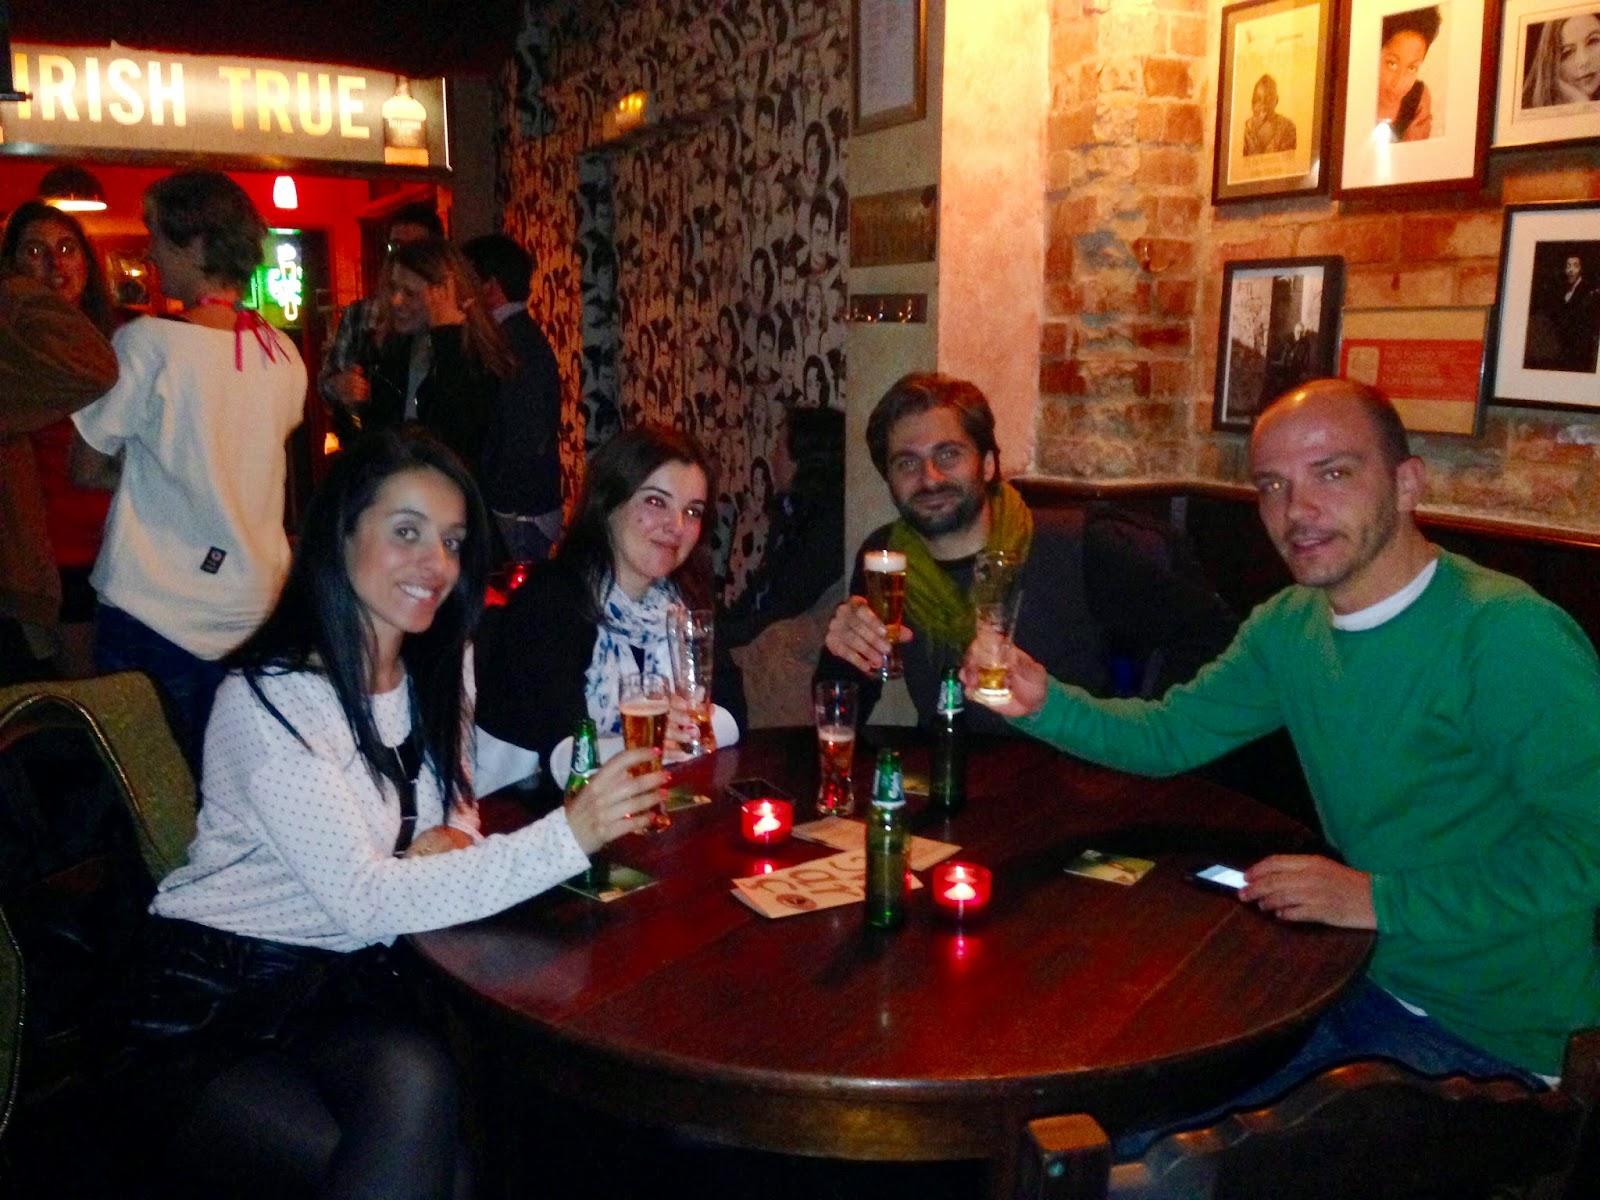 SPEAKEASY | SPEAK SOFTLY AND DRINK